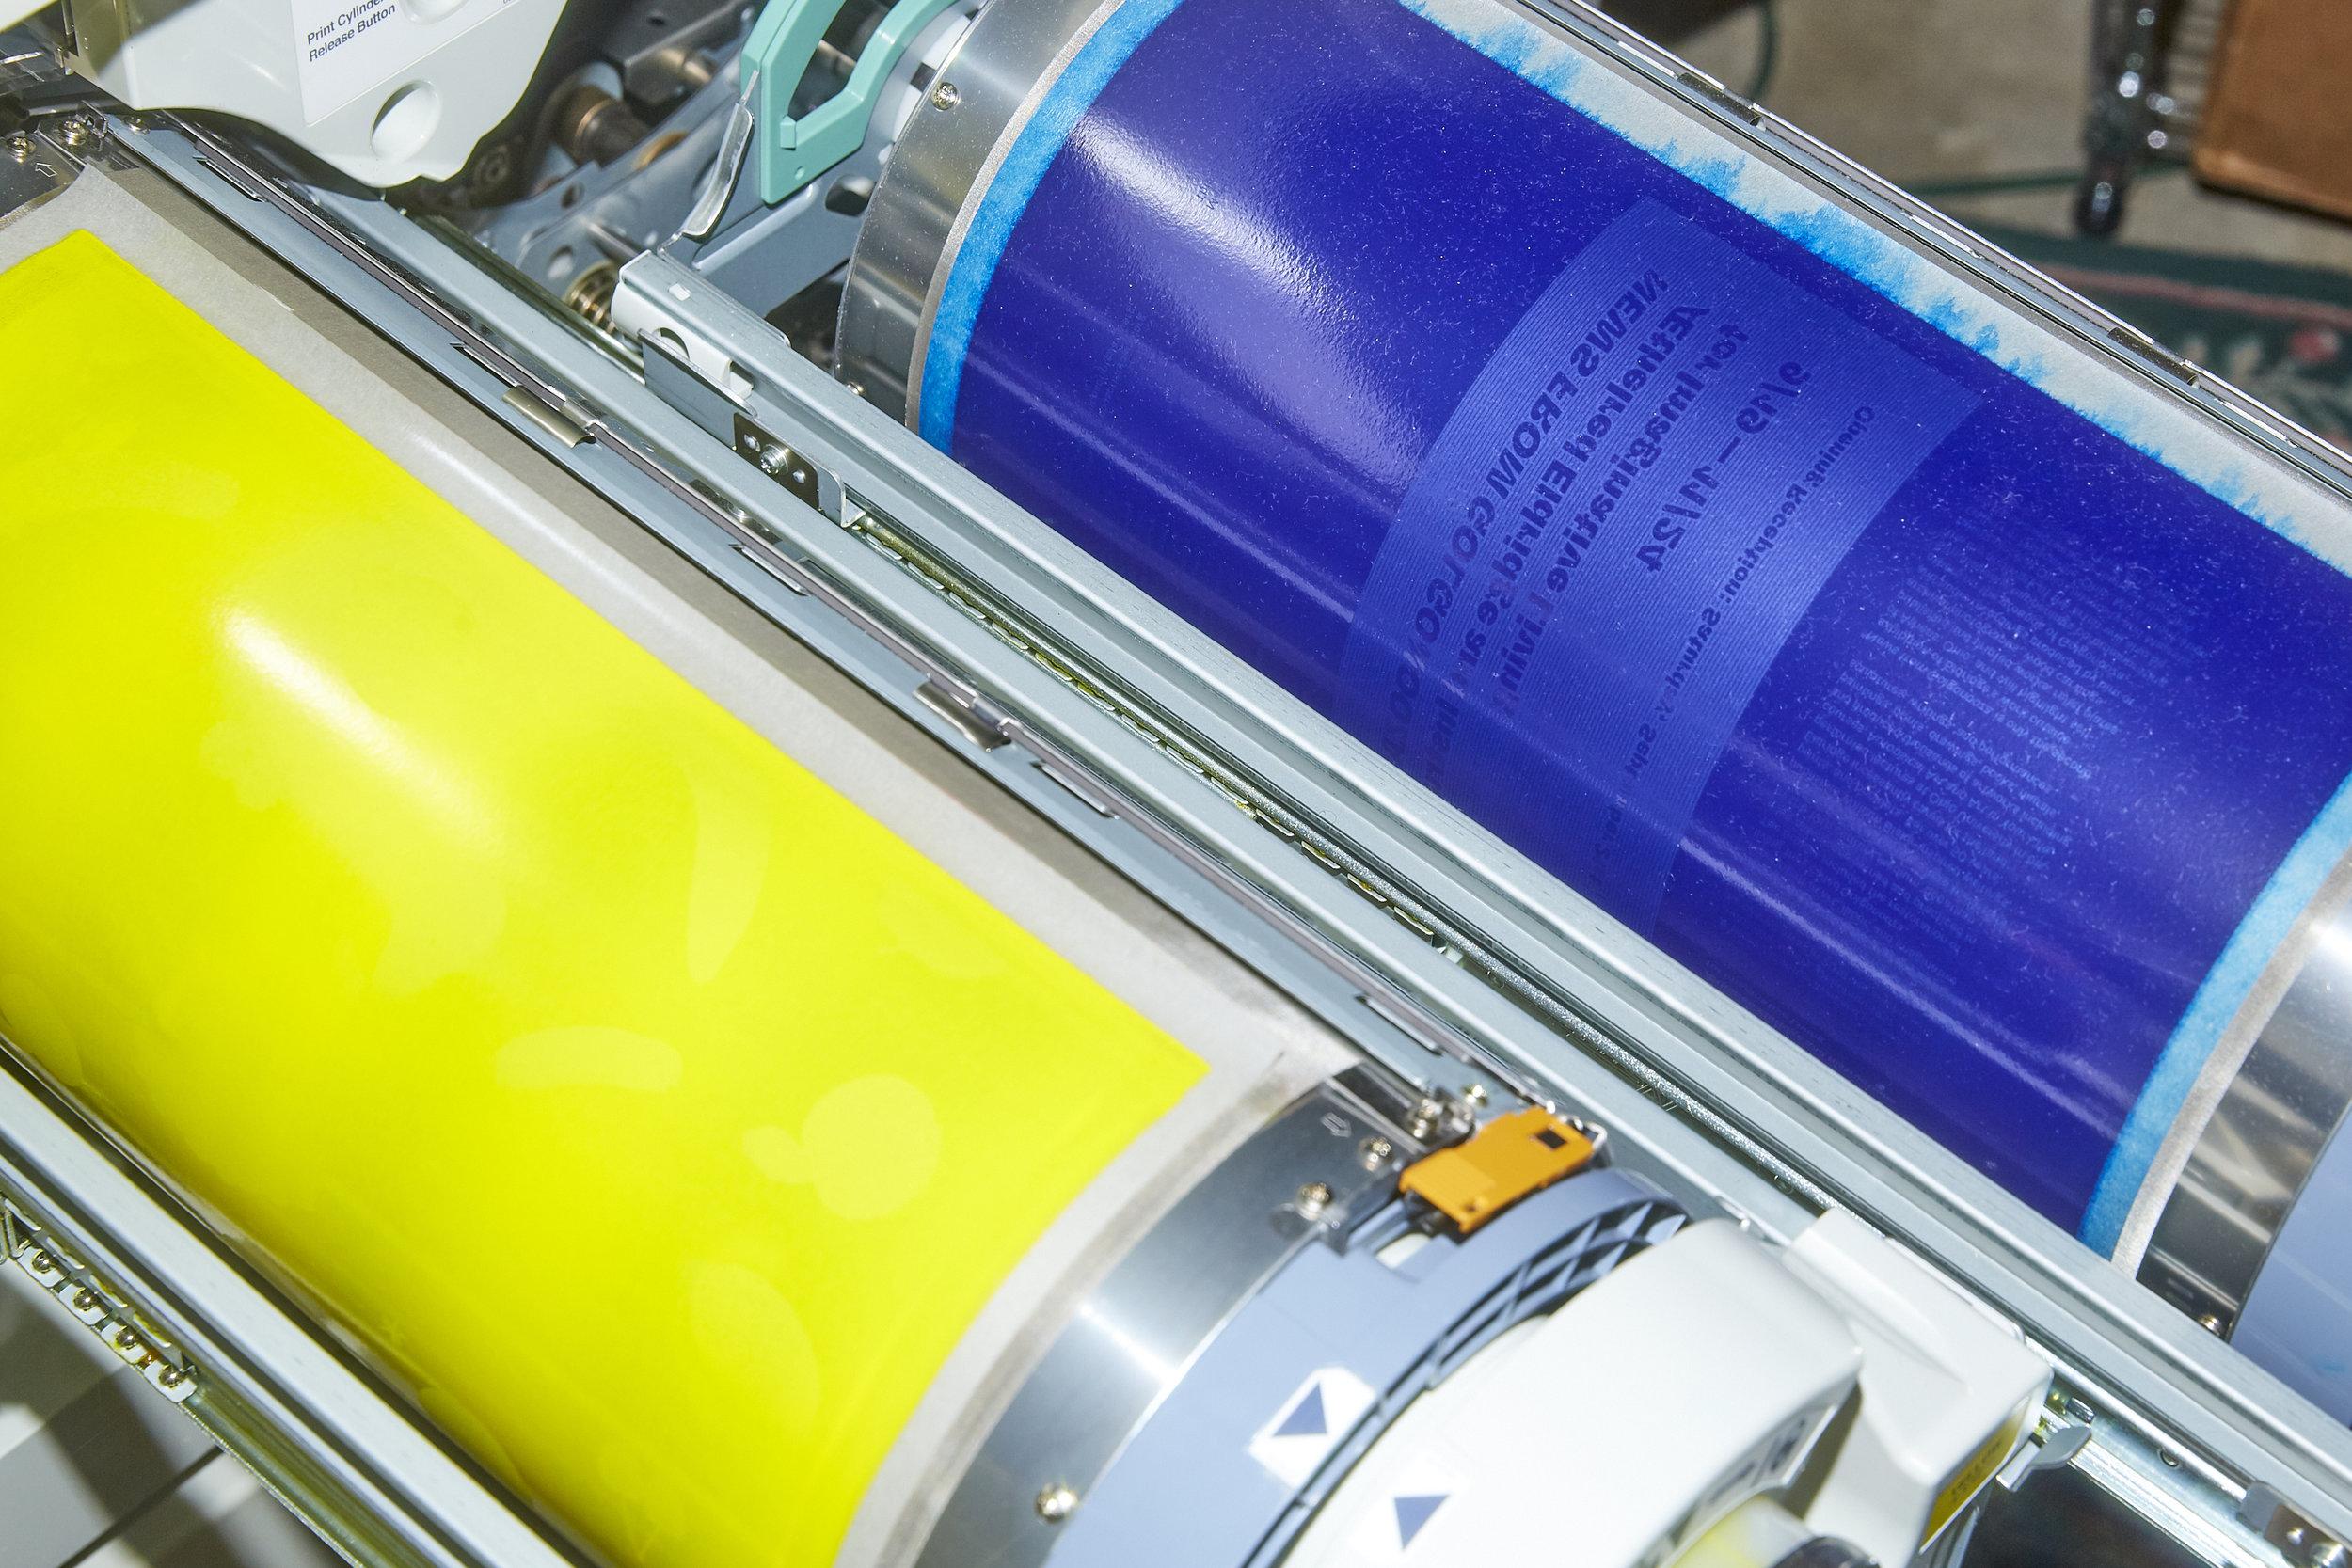 Clatter Press Risograph Printer